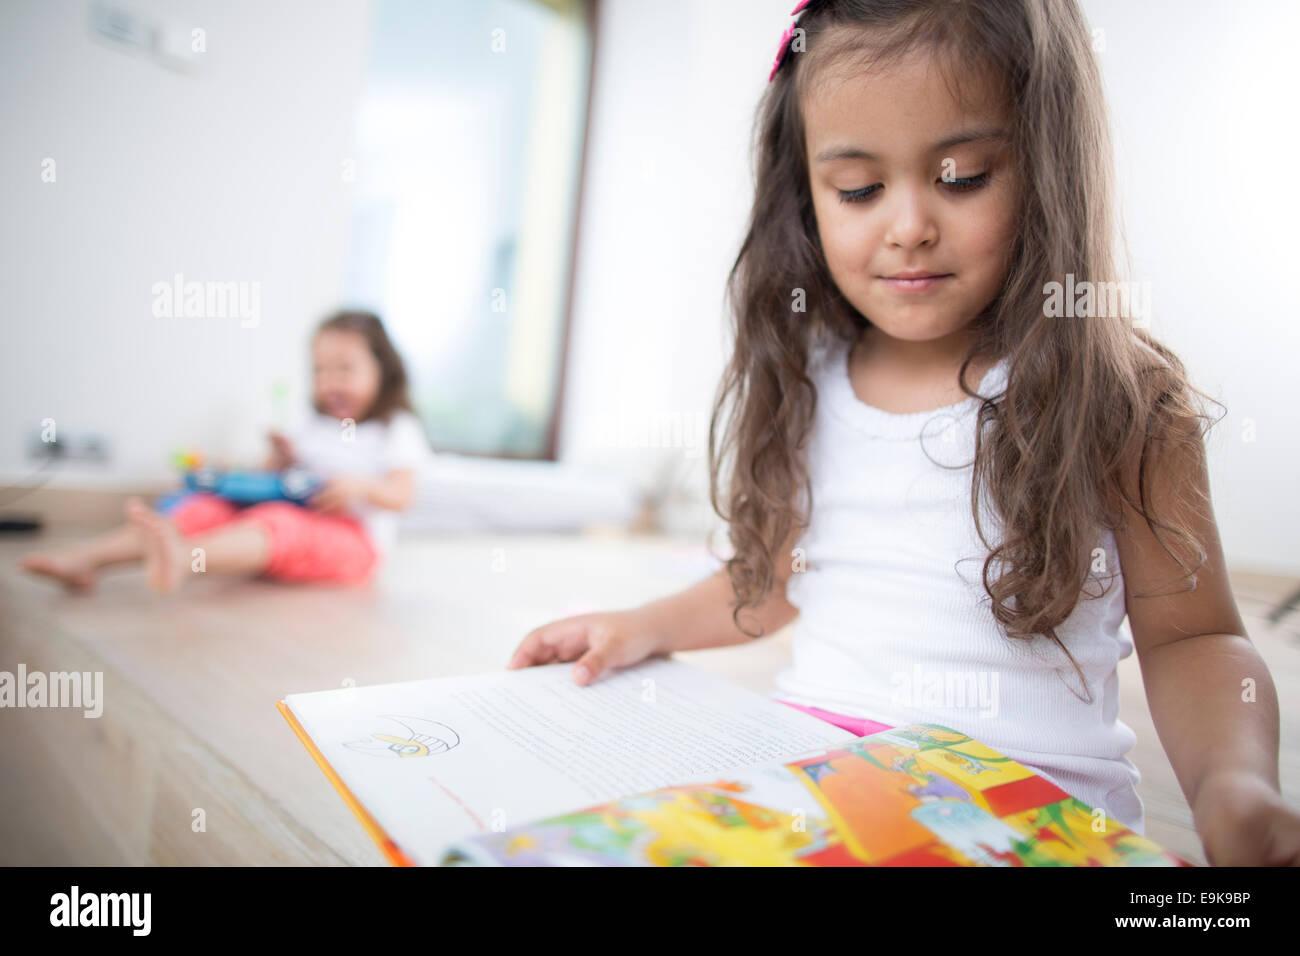 Cute girl libro de lectura con su hermana en el fondo en el hogar Imagen De Stock